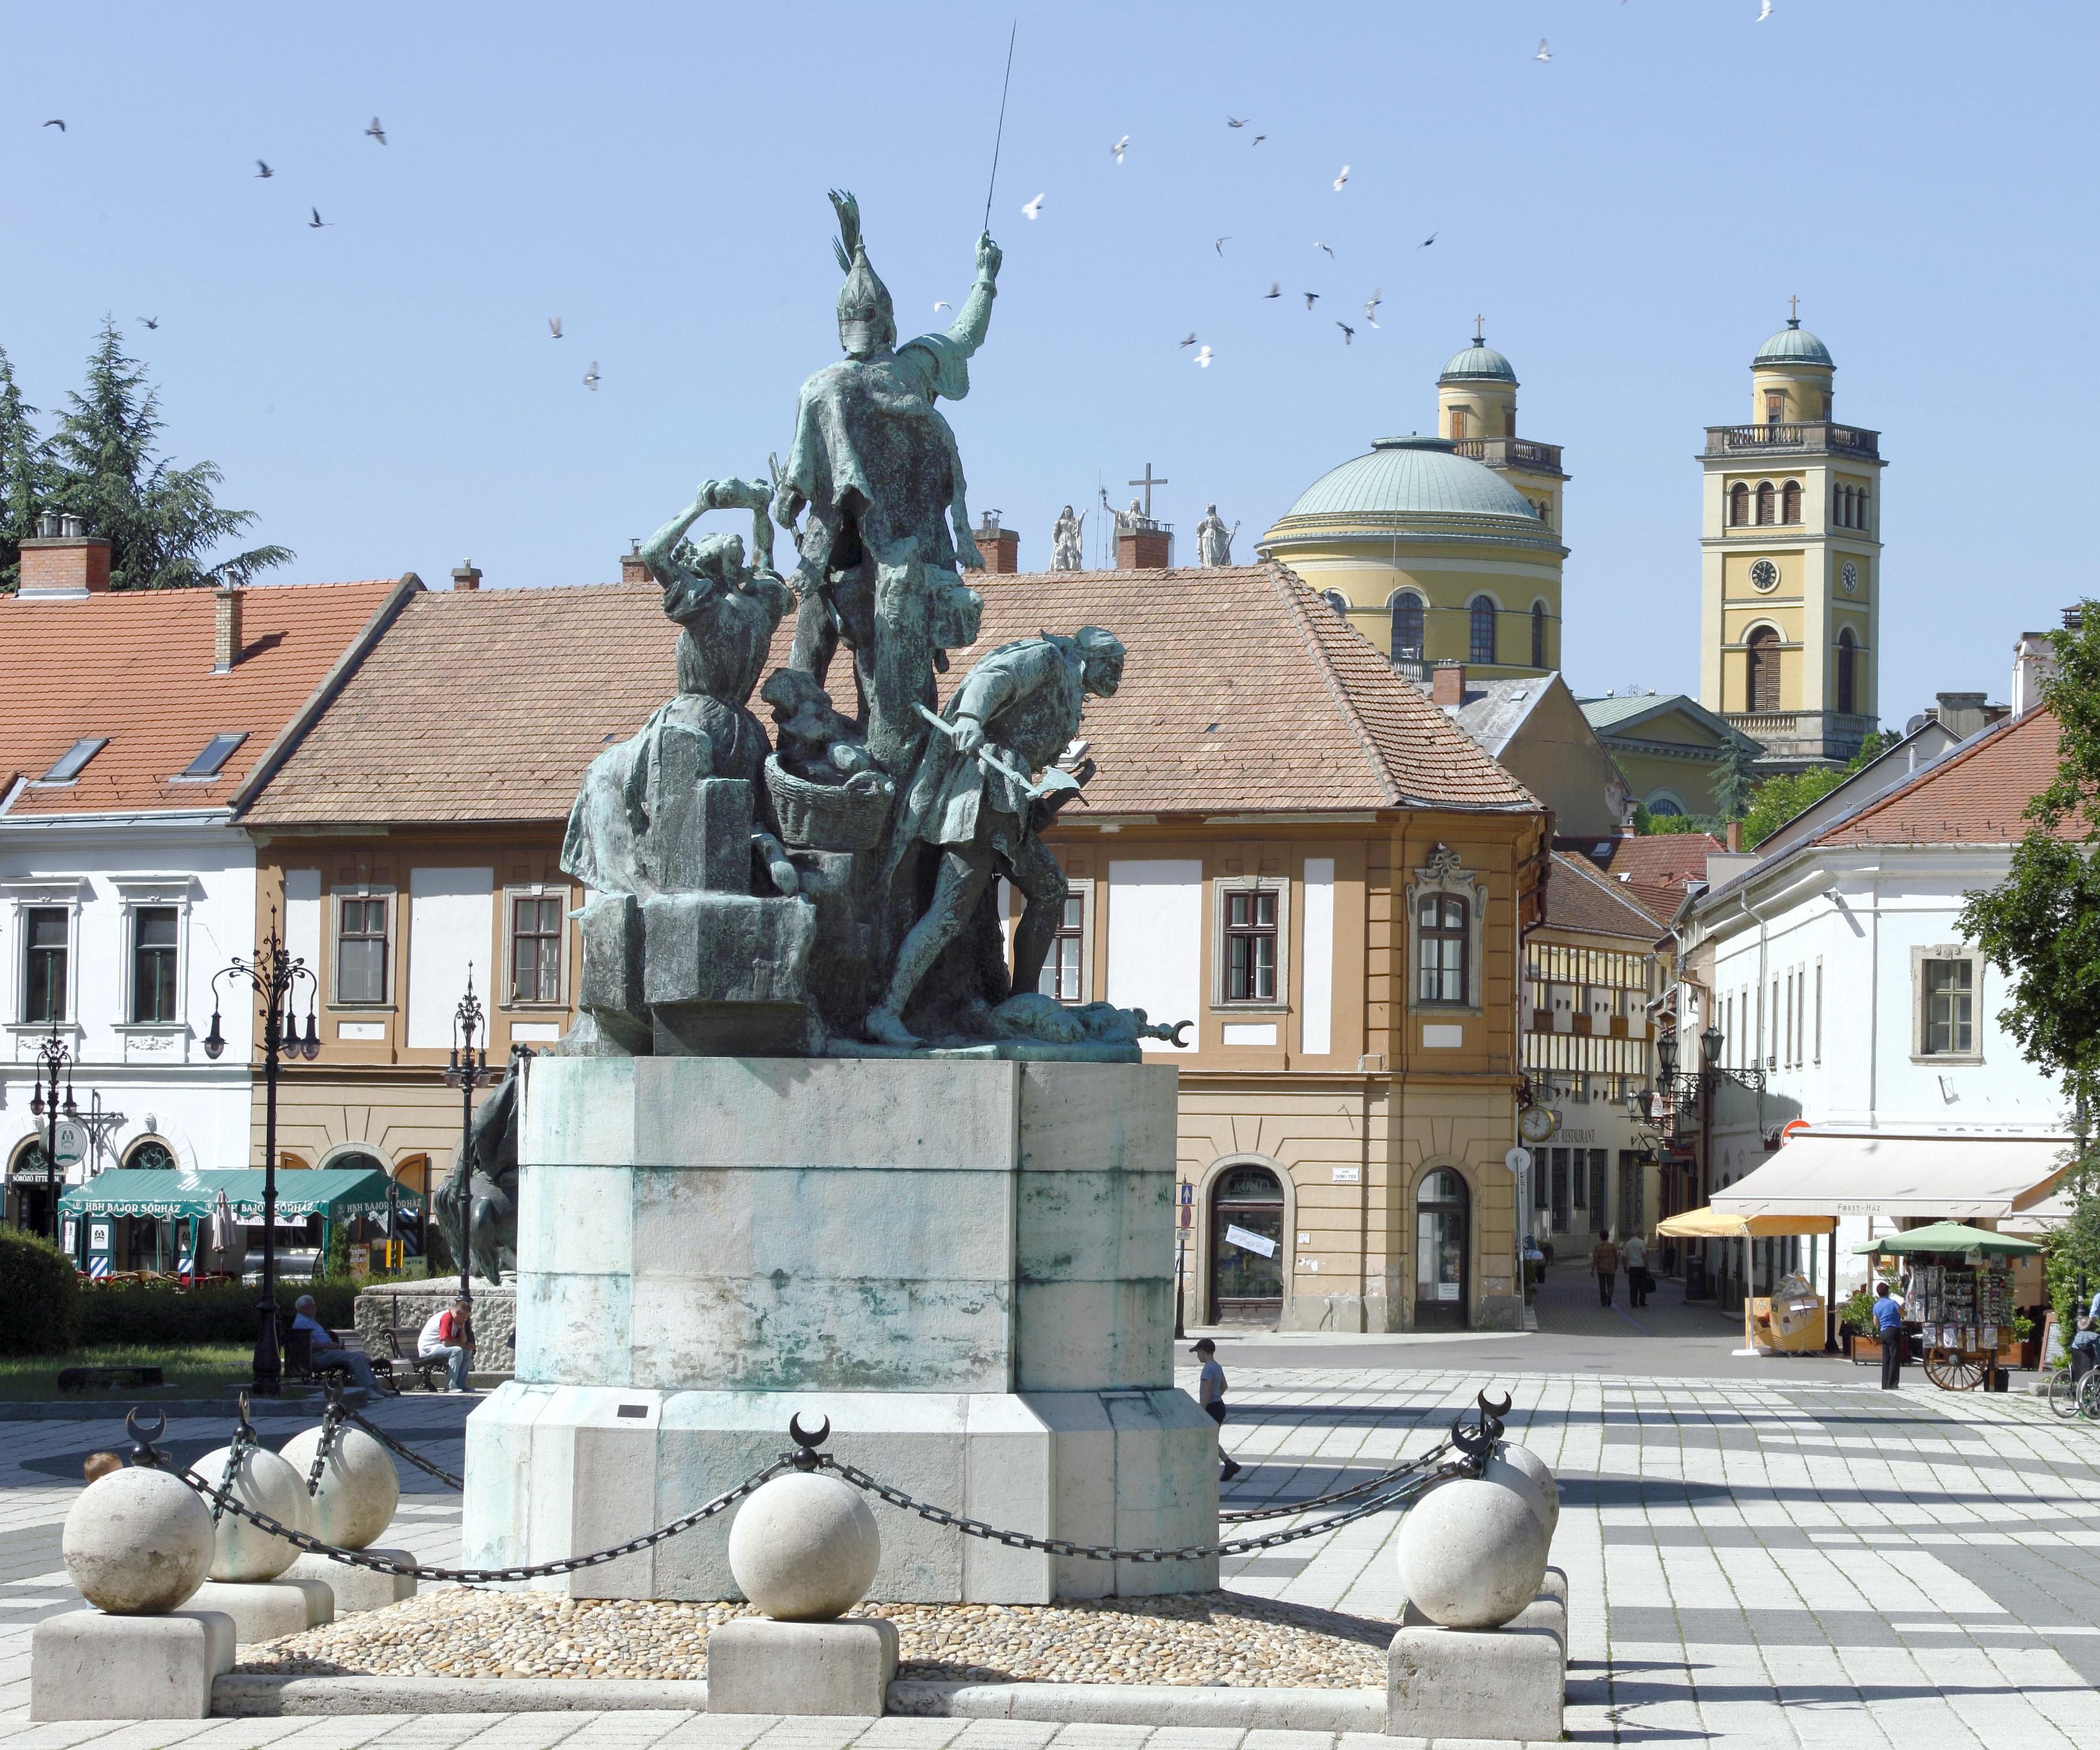 Melyik város főtere, fontos szoborcsoportja és templomi kupolája látható a képen?